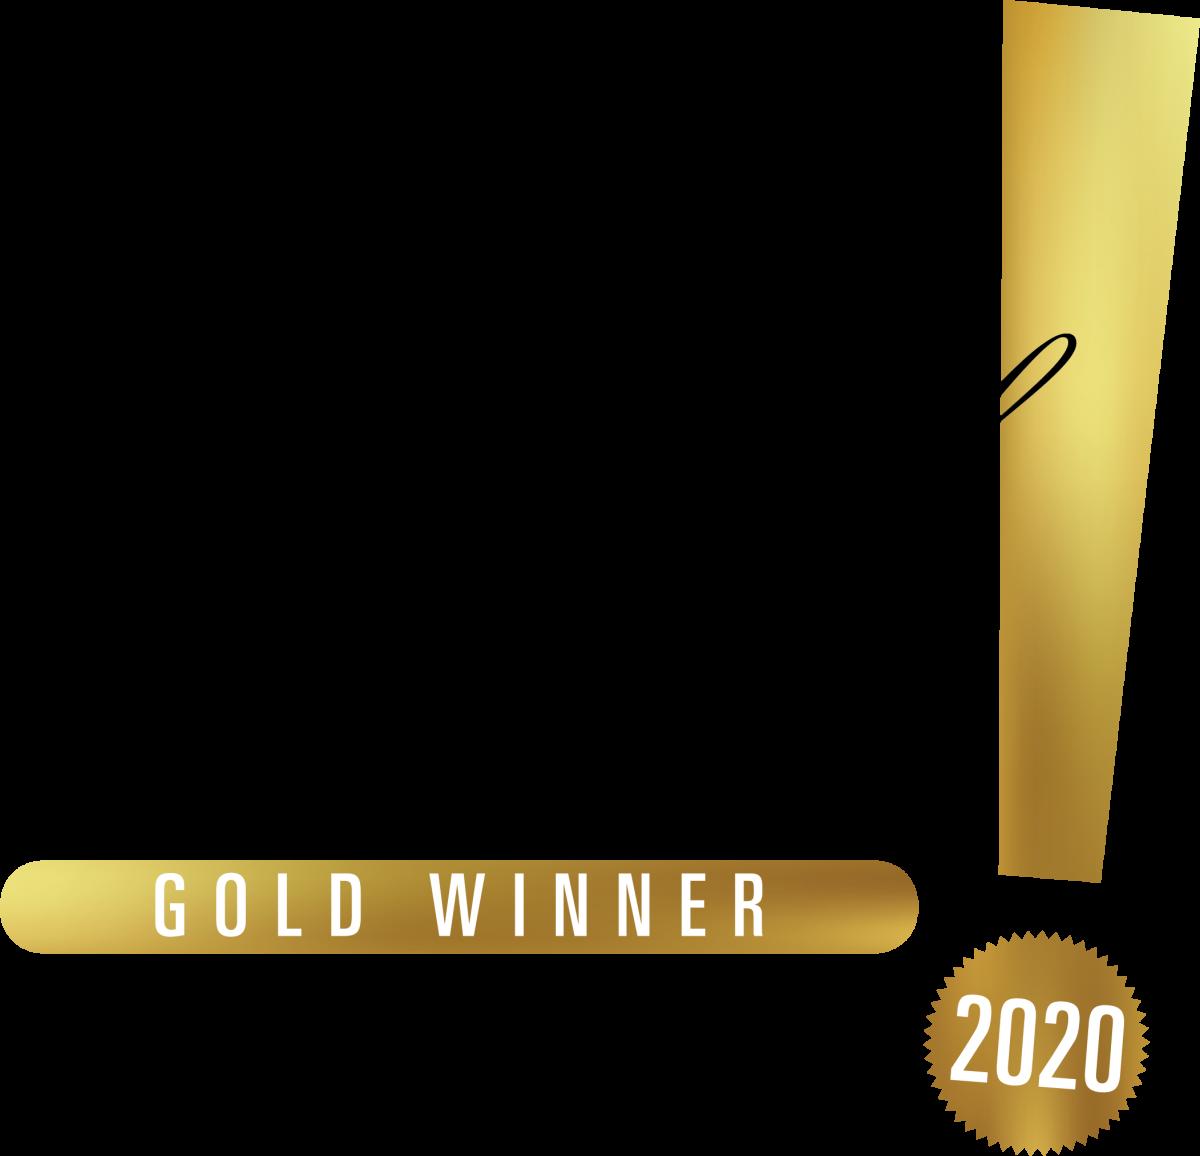 Premio de oro a lo mejor de Las Vegas